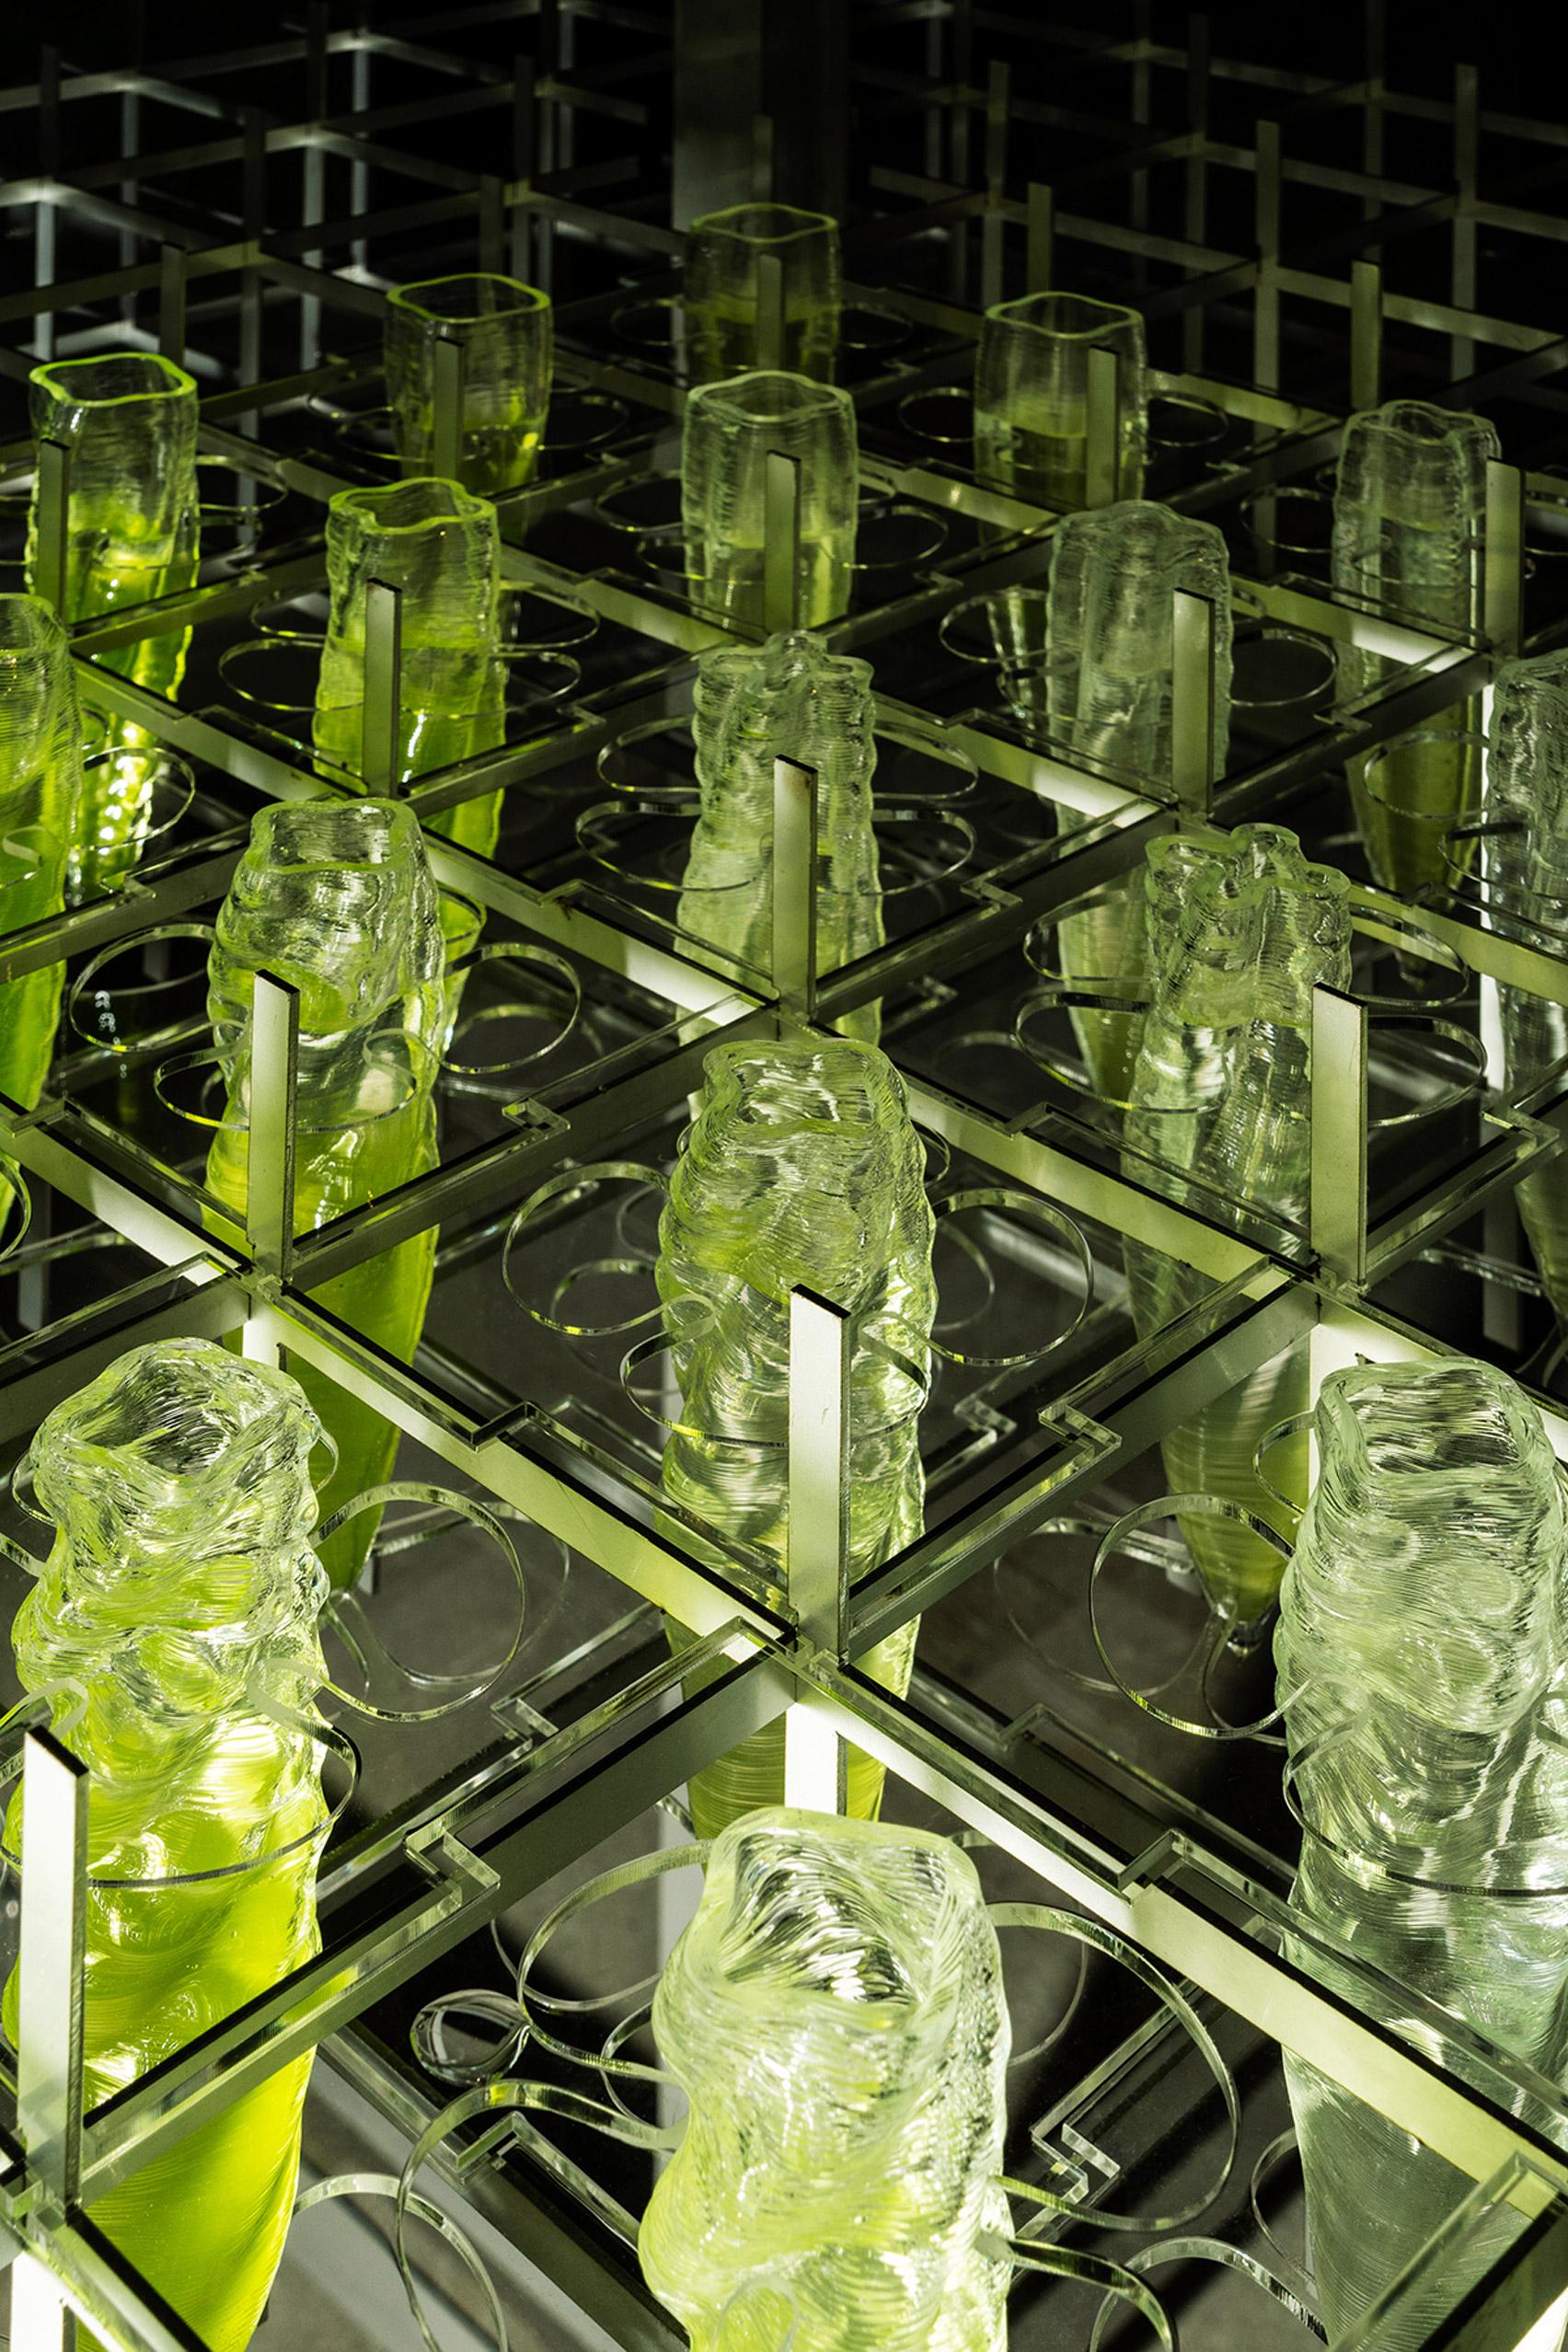 3D printed Swarovski crystal vessels full of green biogel